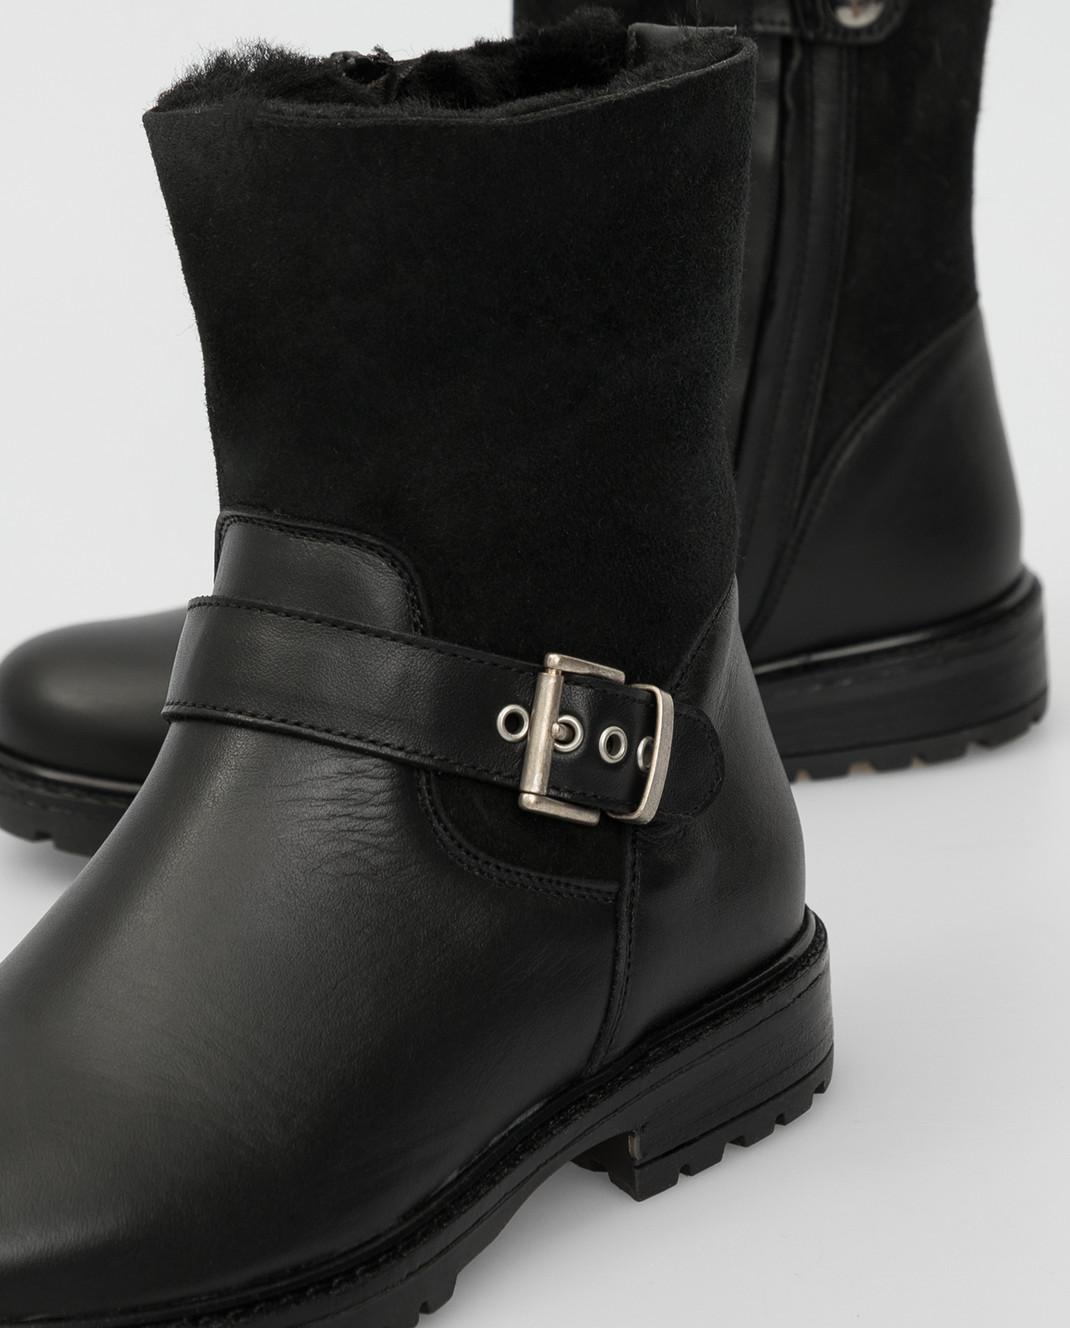 Zecchino D'oro Детские черные сапоги F0242563032 изображение 4